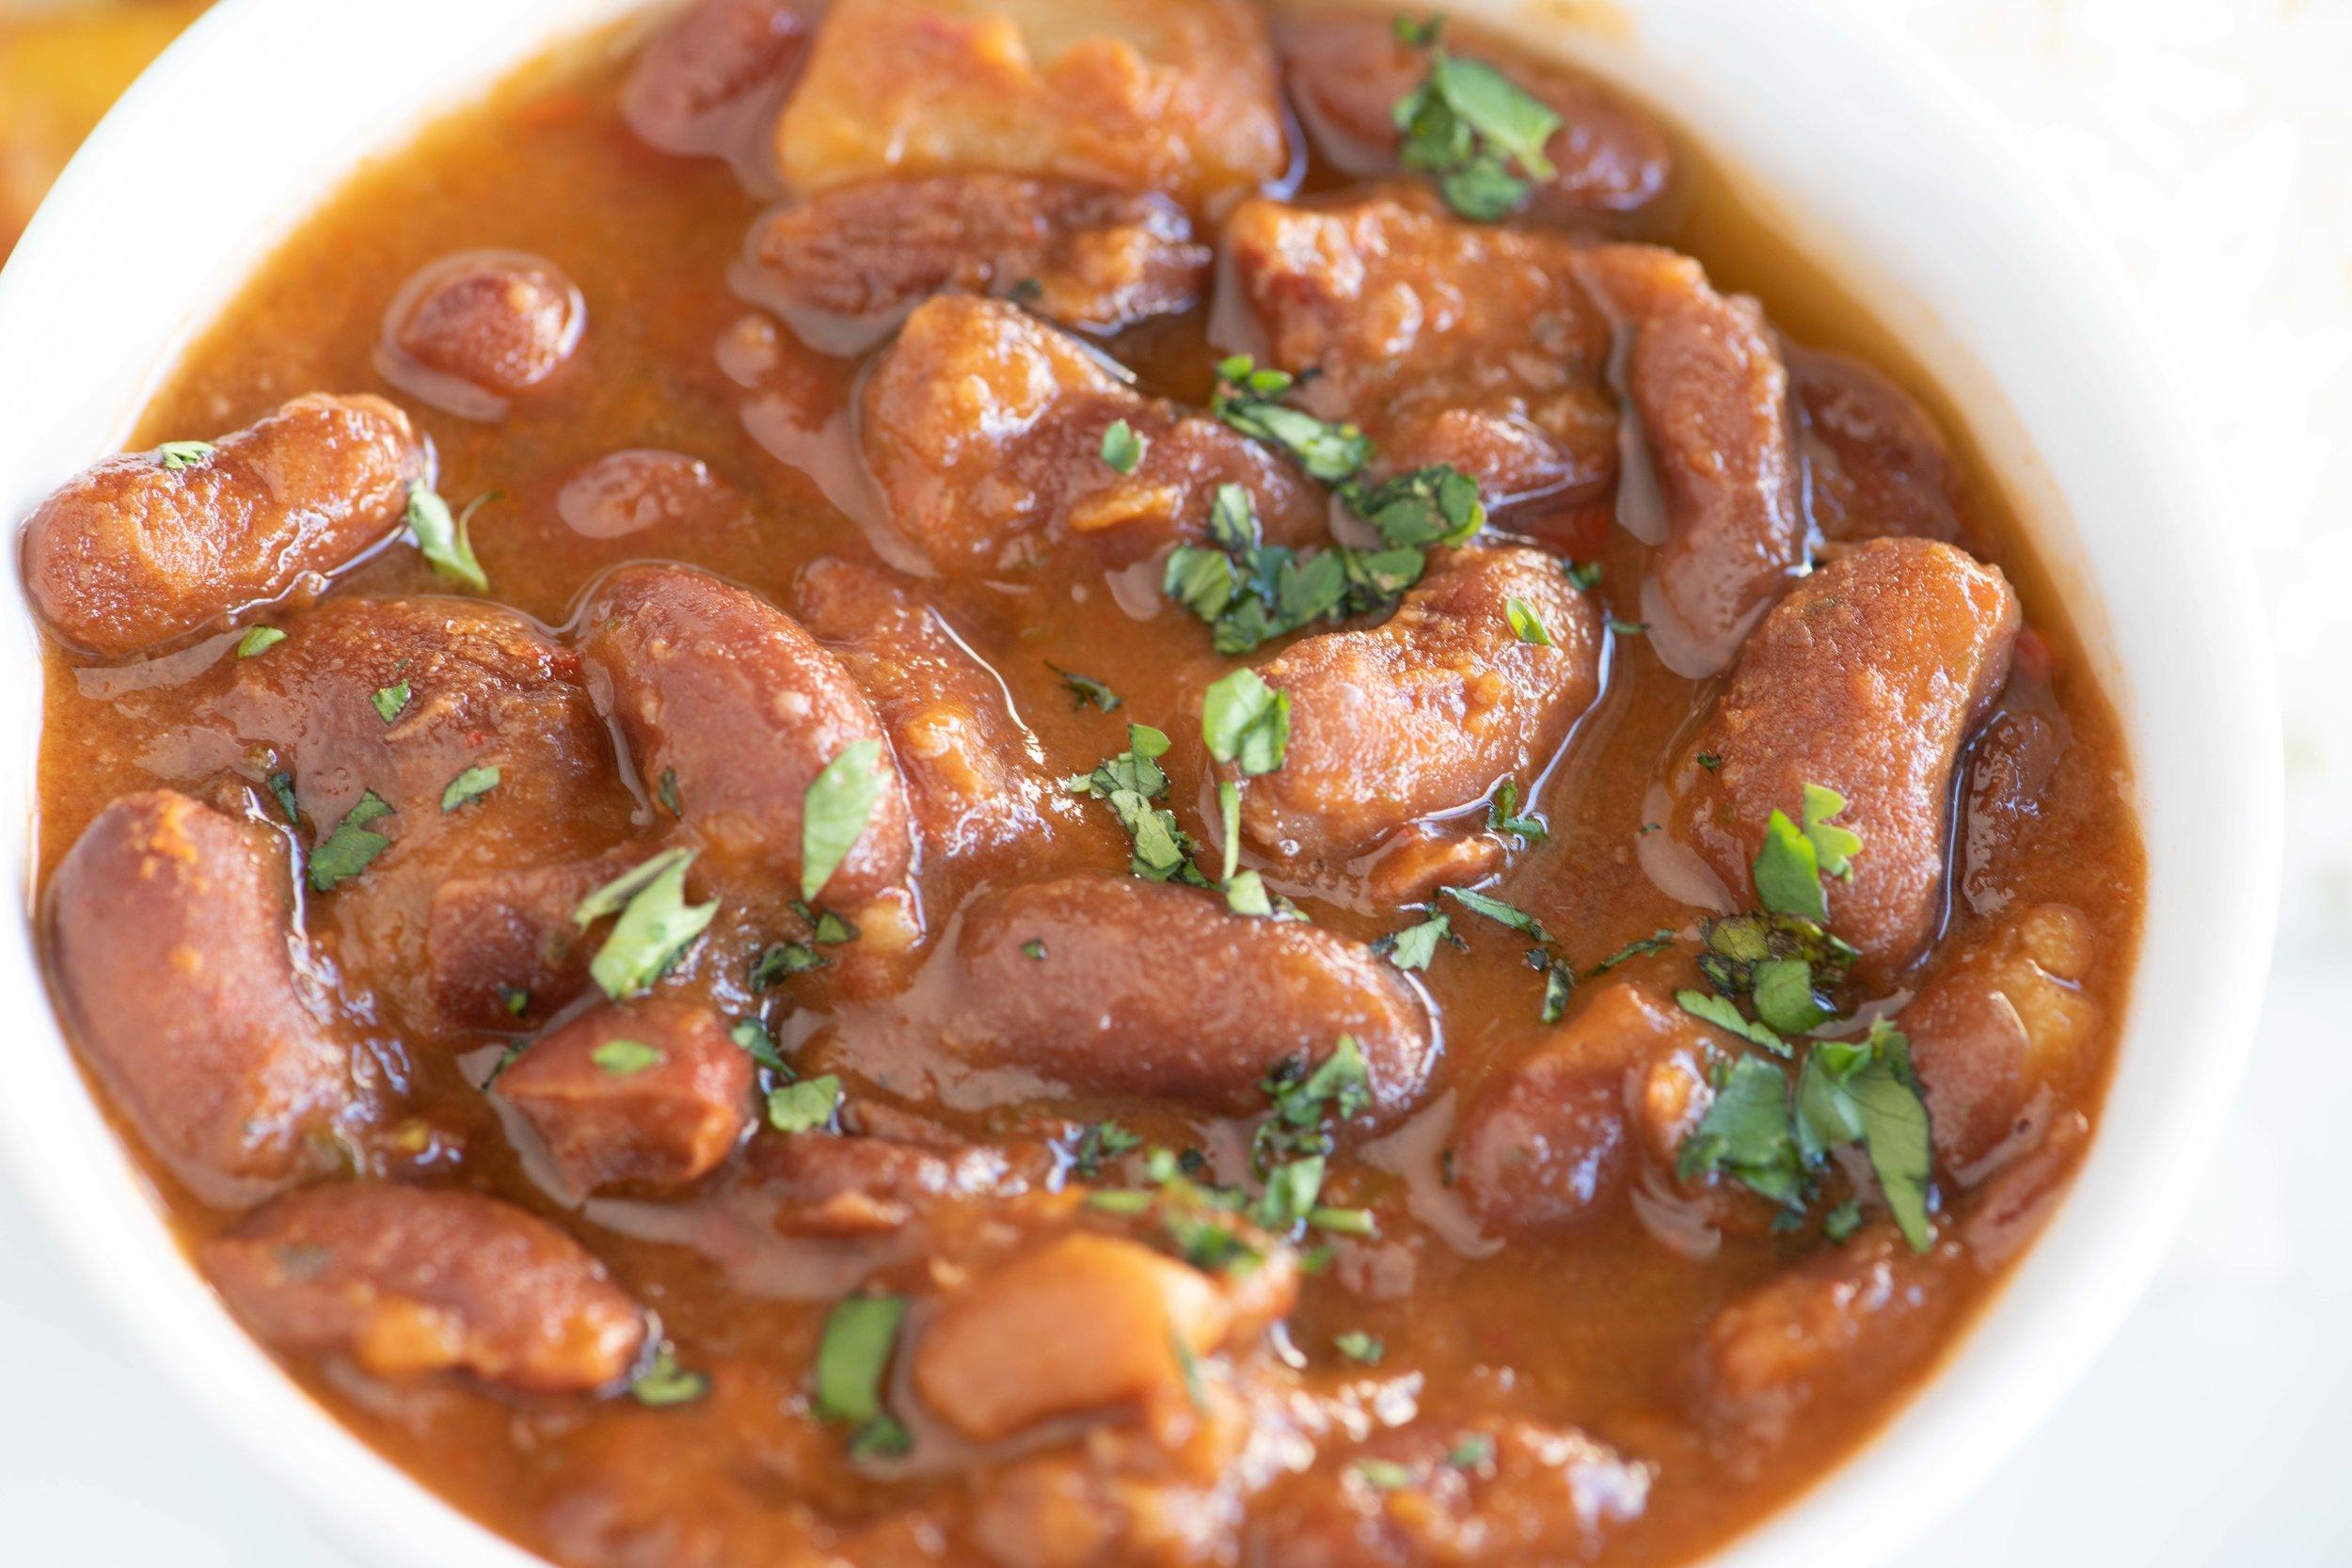 Habichuelas - Stewed Kidney beans